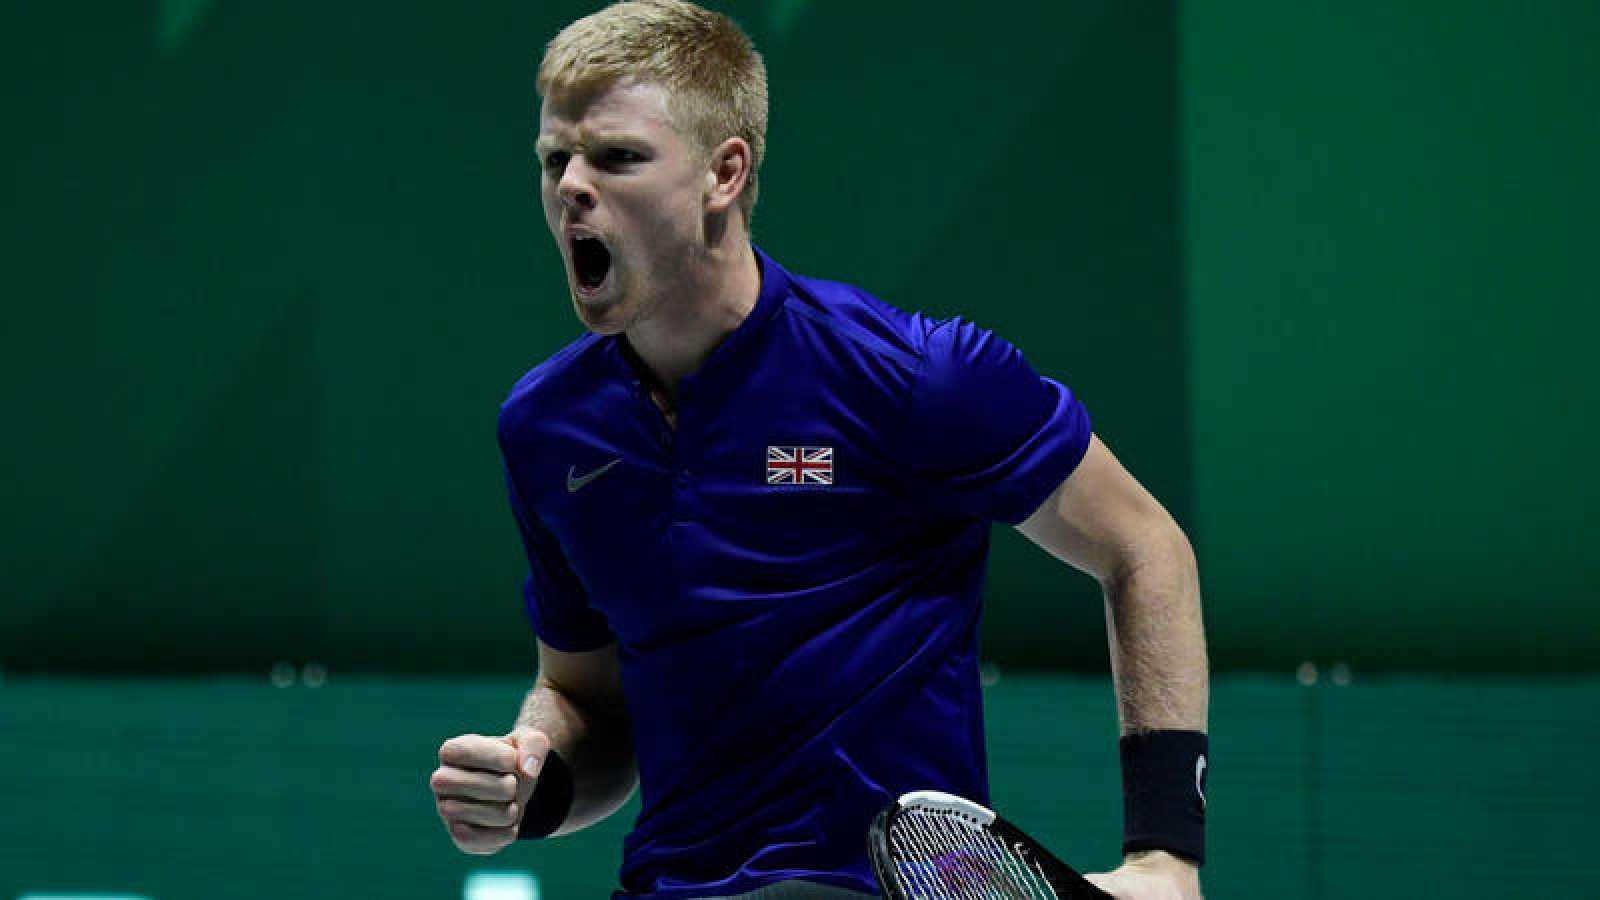 Edmund acerca a Gran Bretaña a semifinales